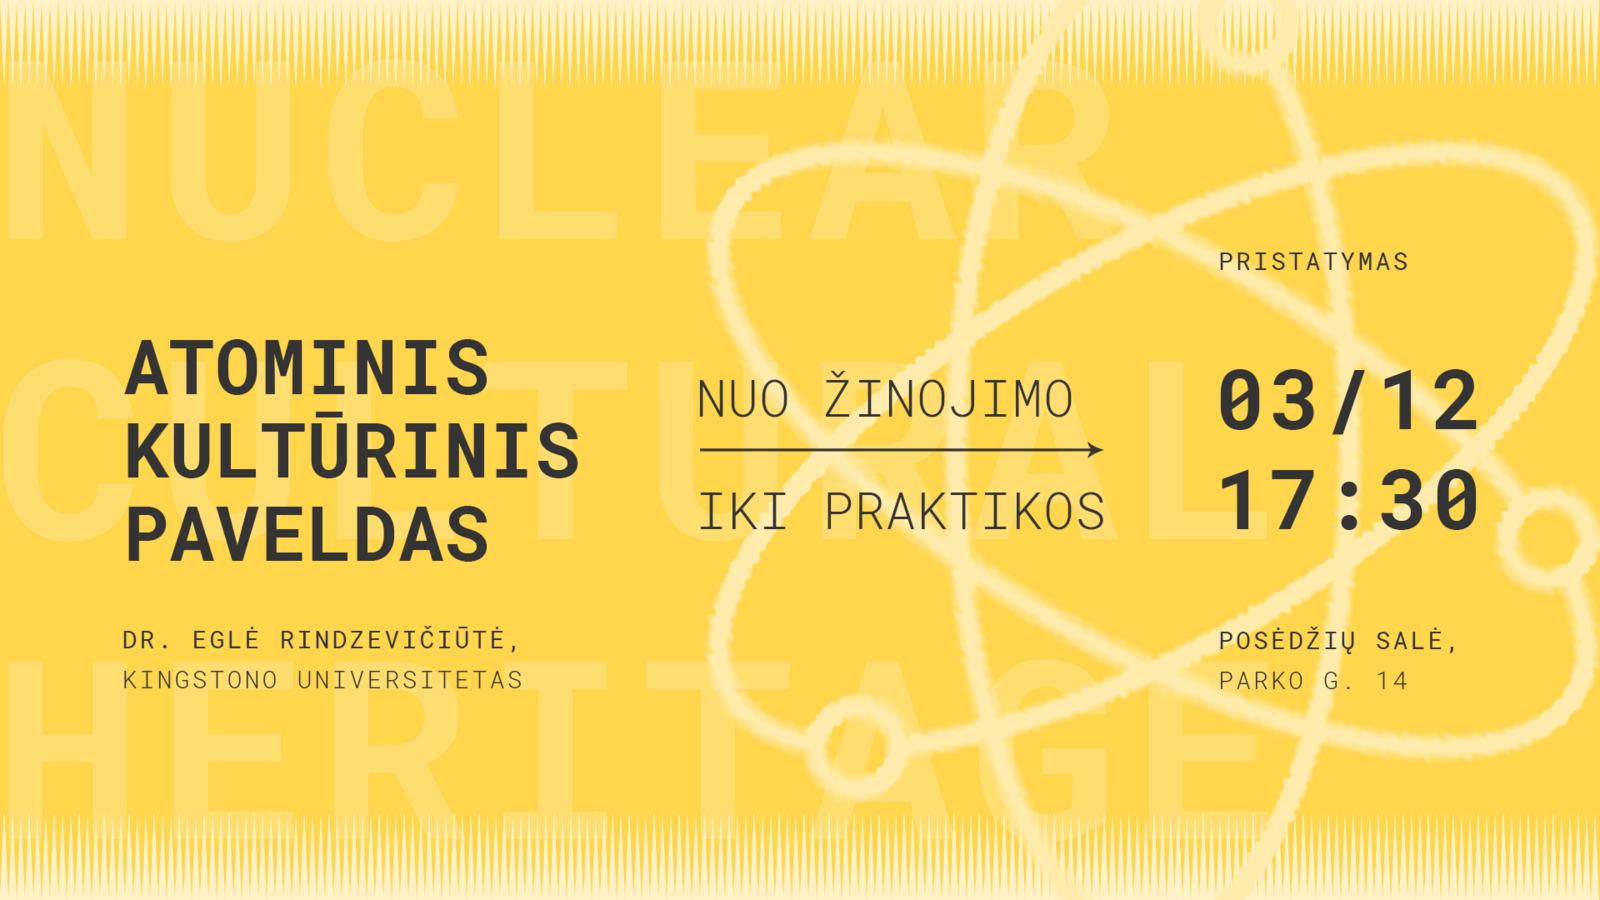 """Projekto """"Atominis kultūrinis paveldas"""" pristatymas Visagine"""